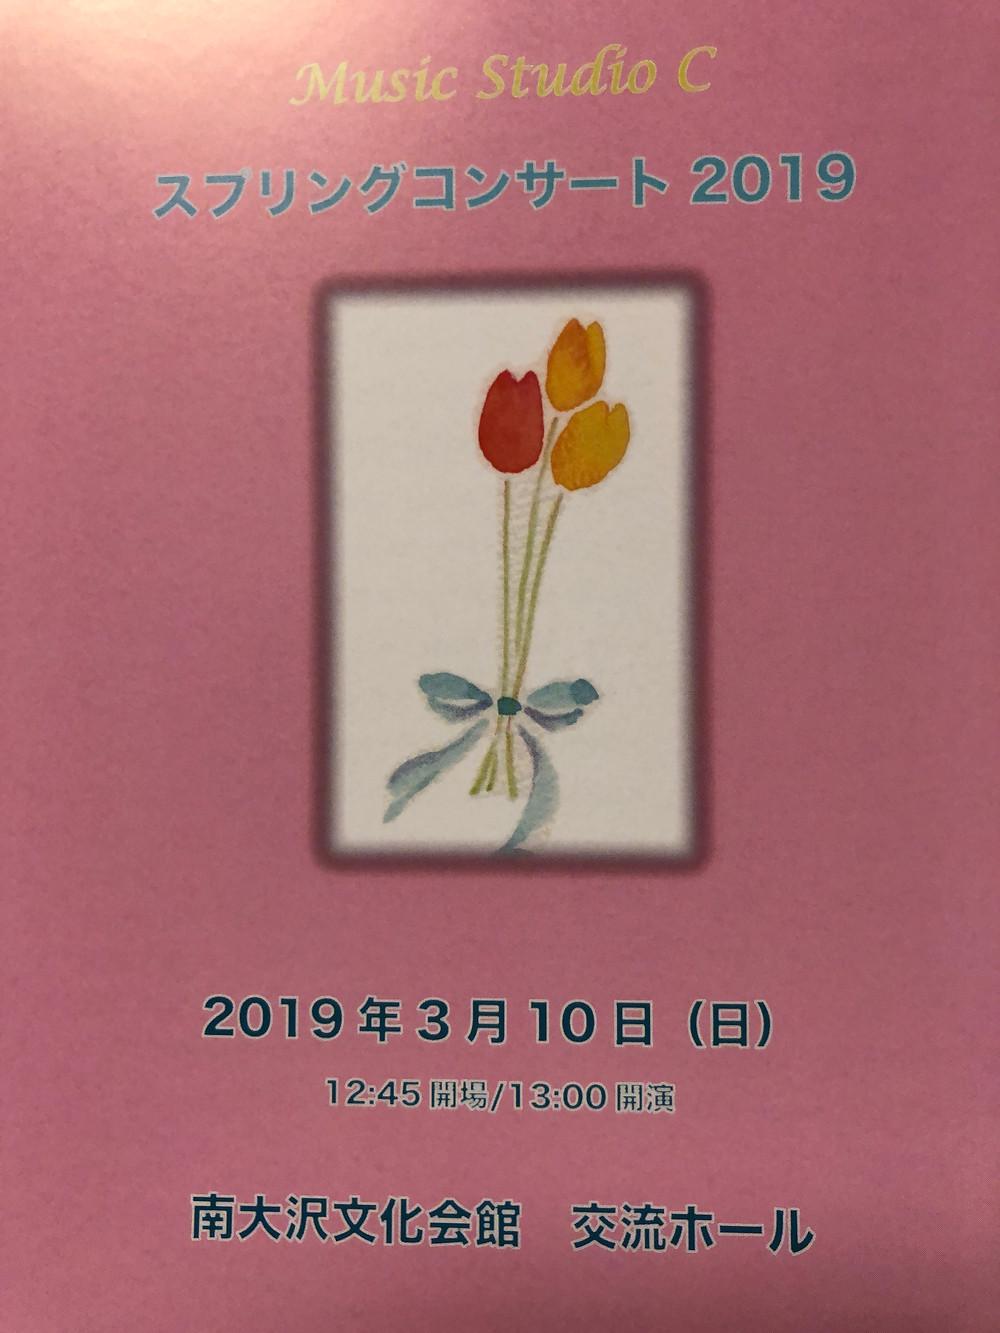 コンサートプログラムの表紙